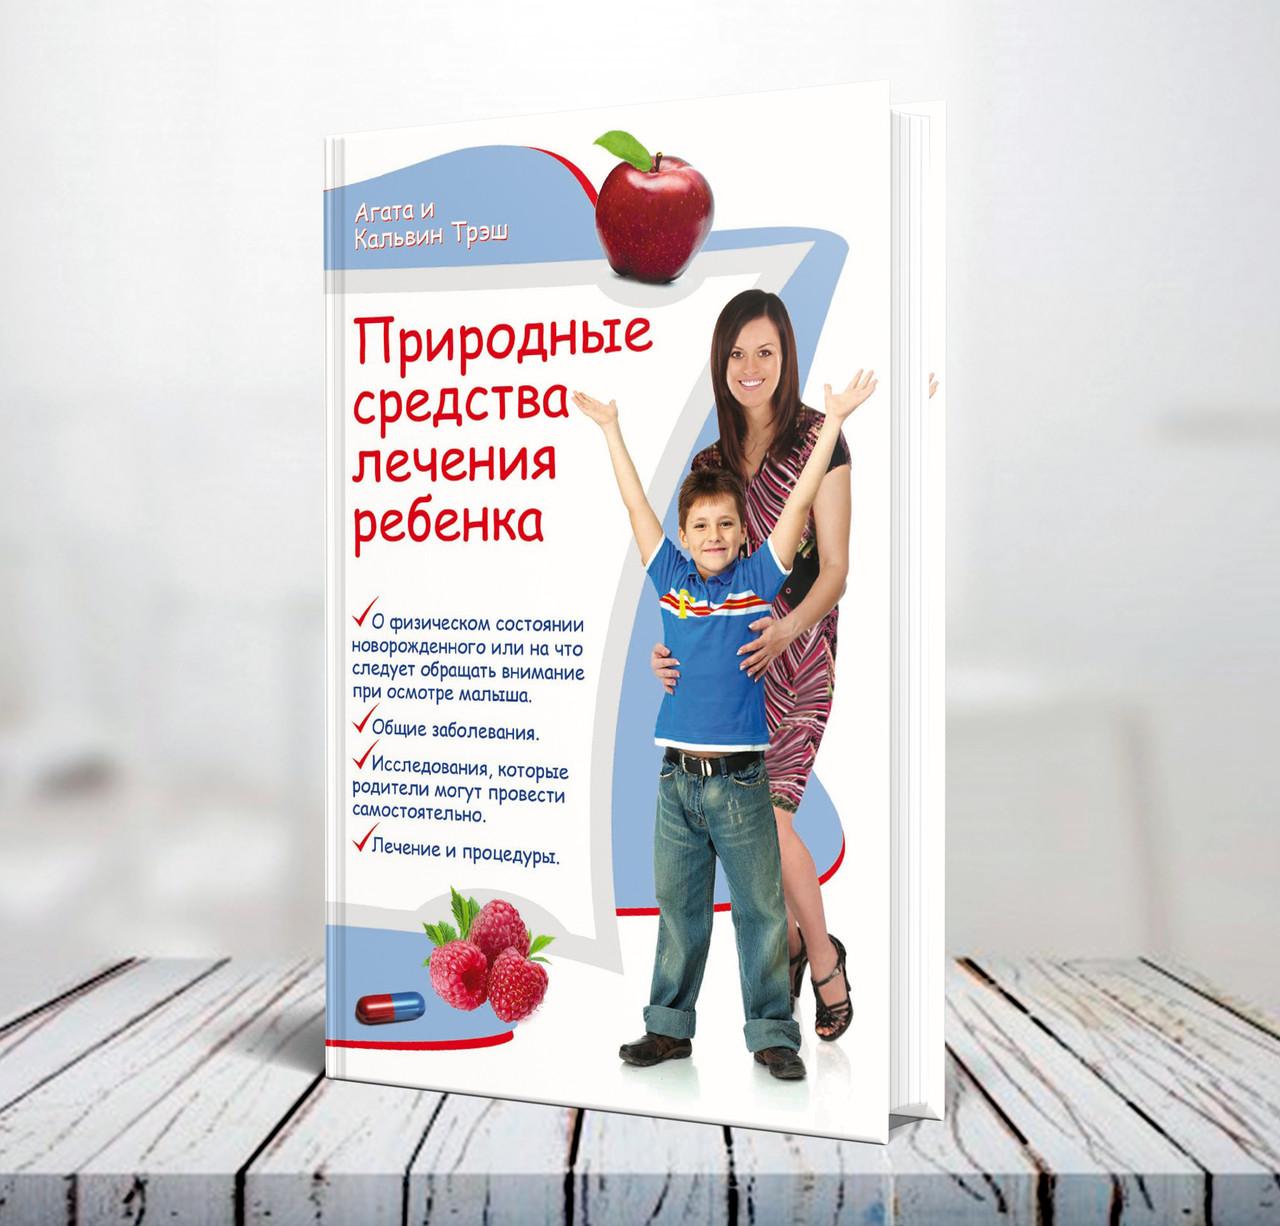 Природные средства лечения ребенка – Агата и Кальвин Трэш (твердая)